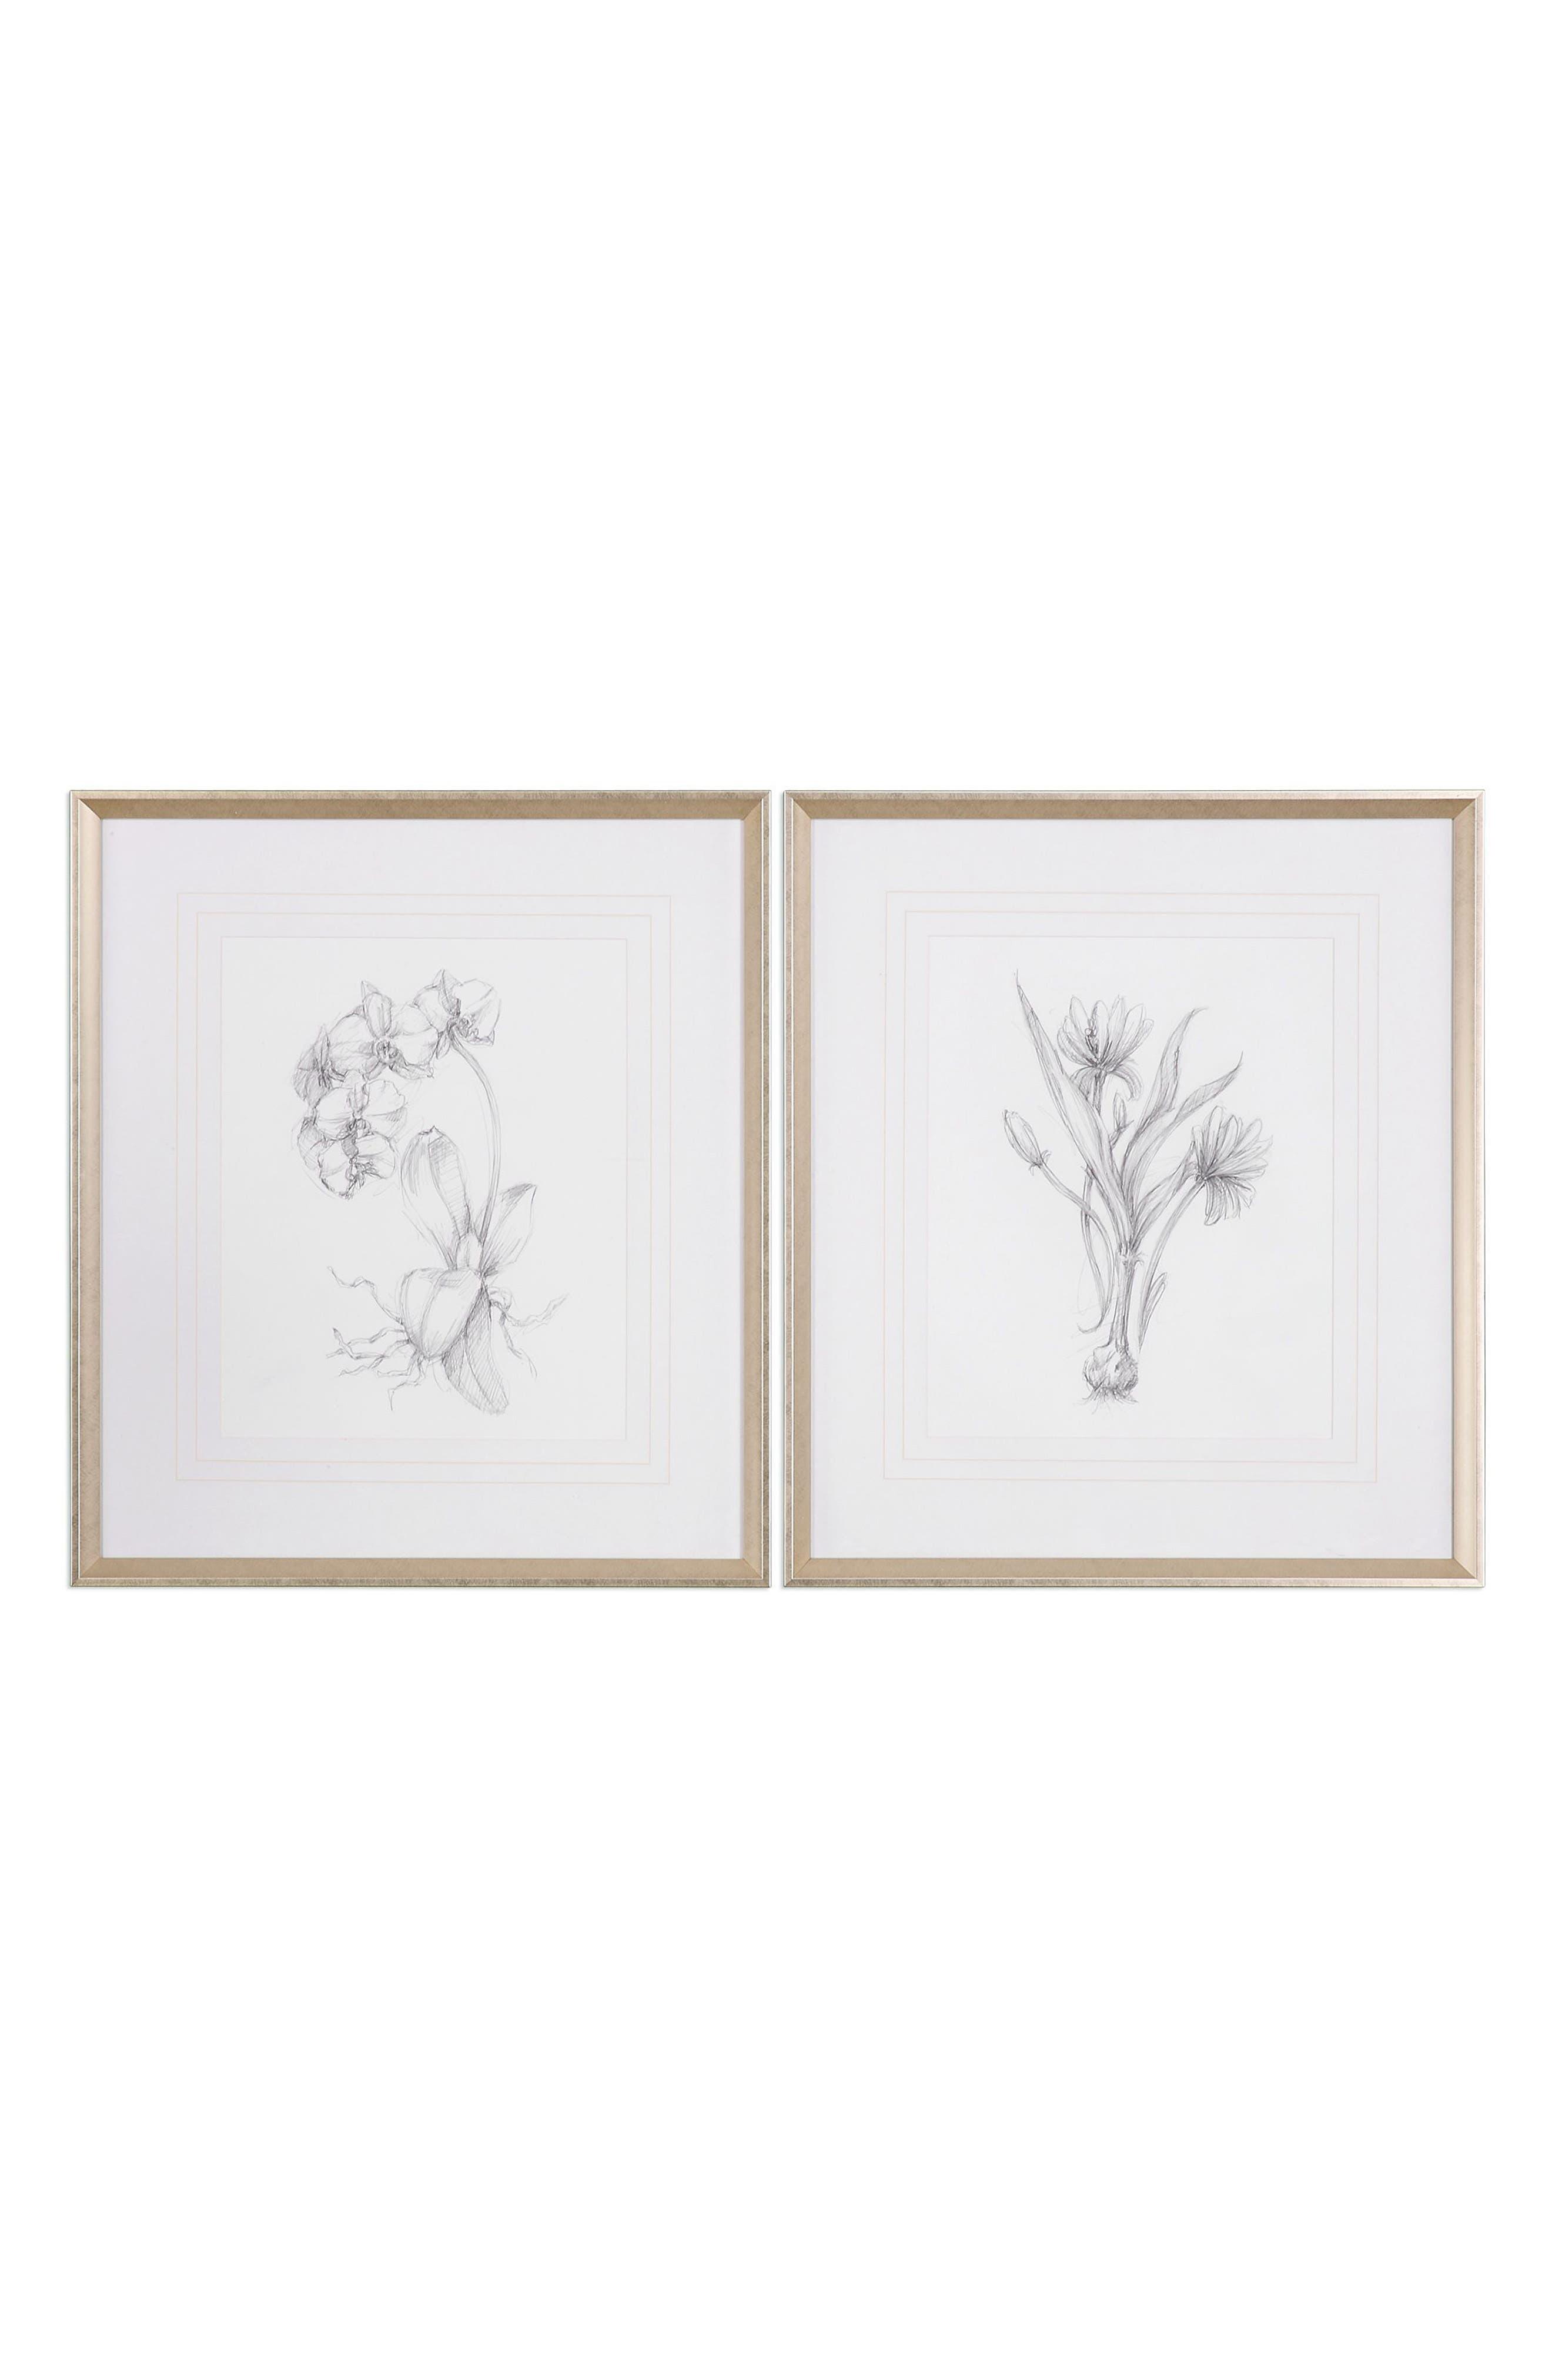 Alternate Image 1 Selected - Uttermost Botanical Sketch Set of 2 Art Prints